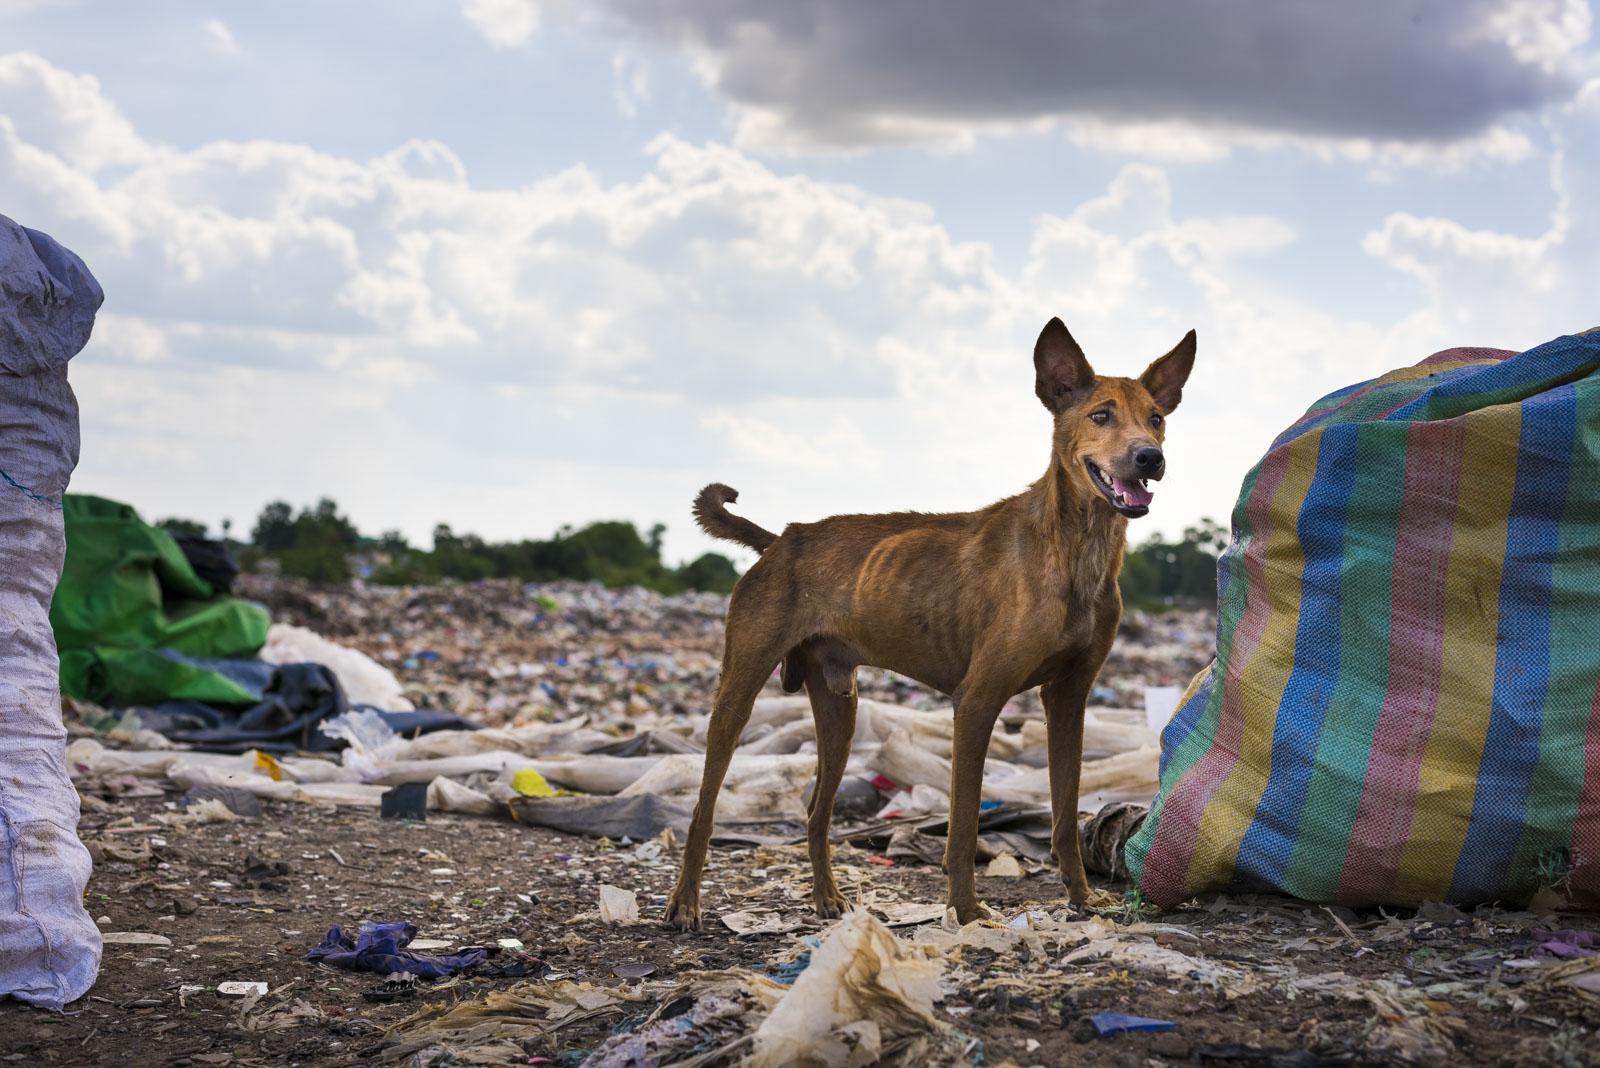 Hund auf der Mülldeponie